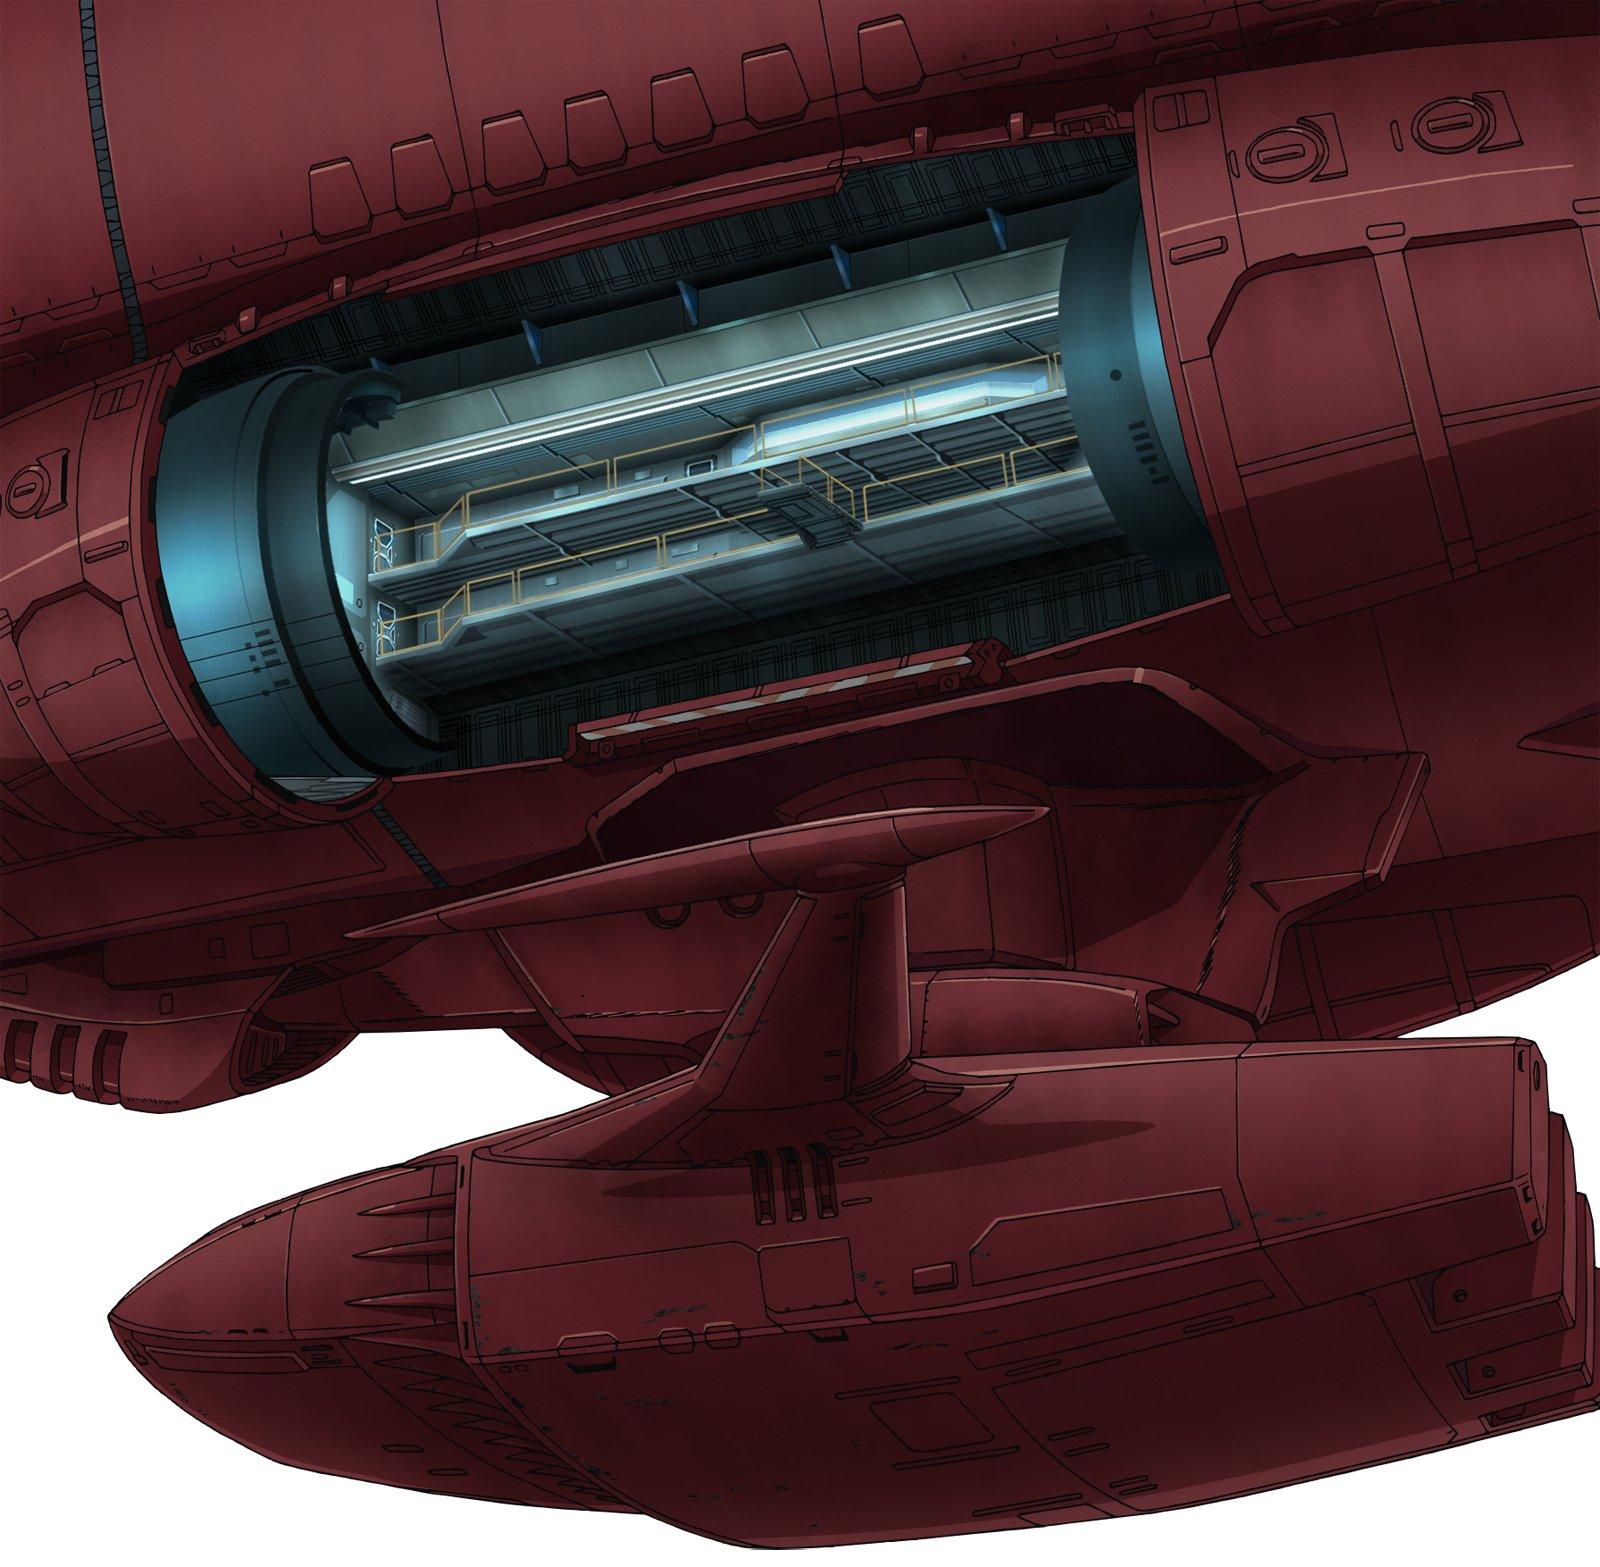 宇宙戦艦ヤマトの画像 p1_25